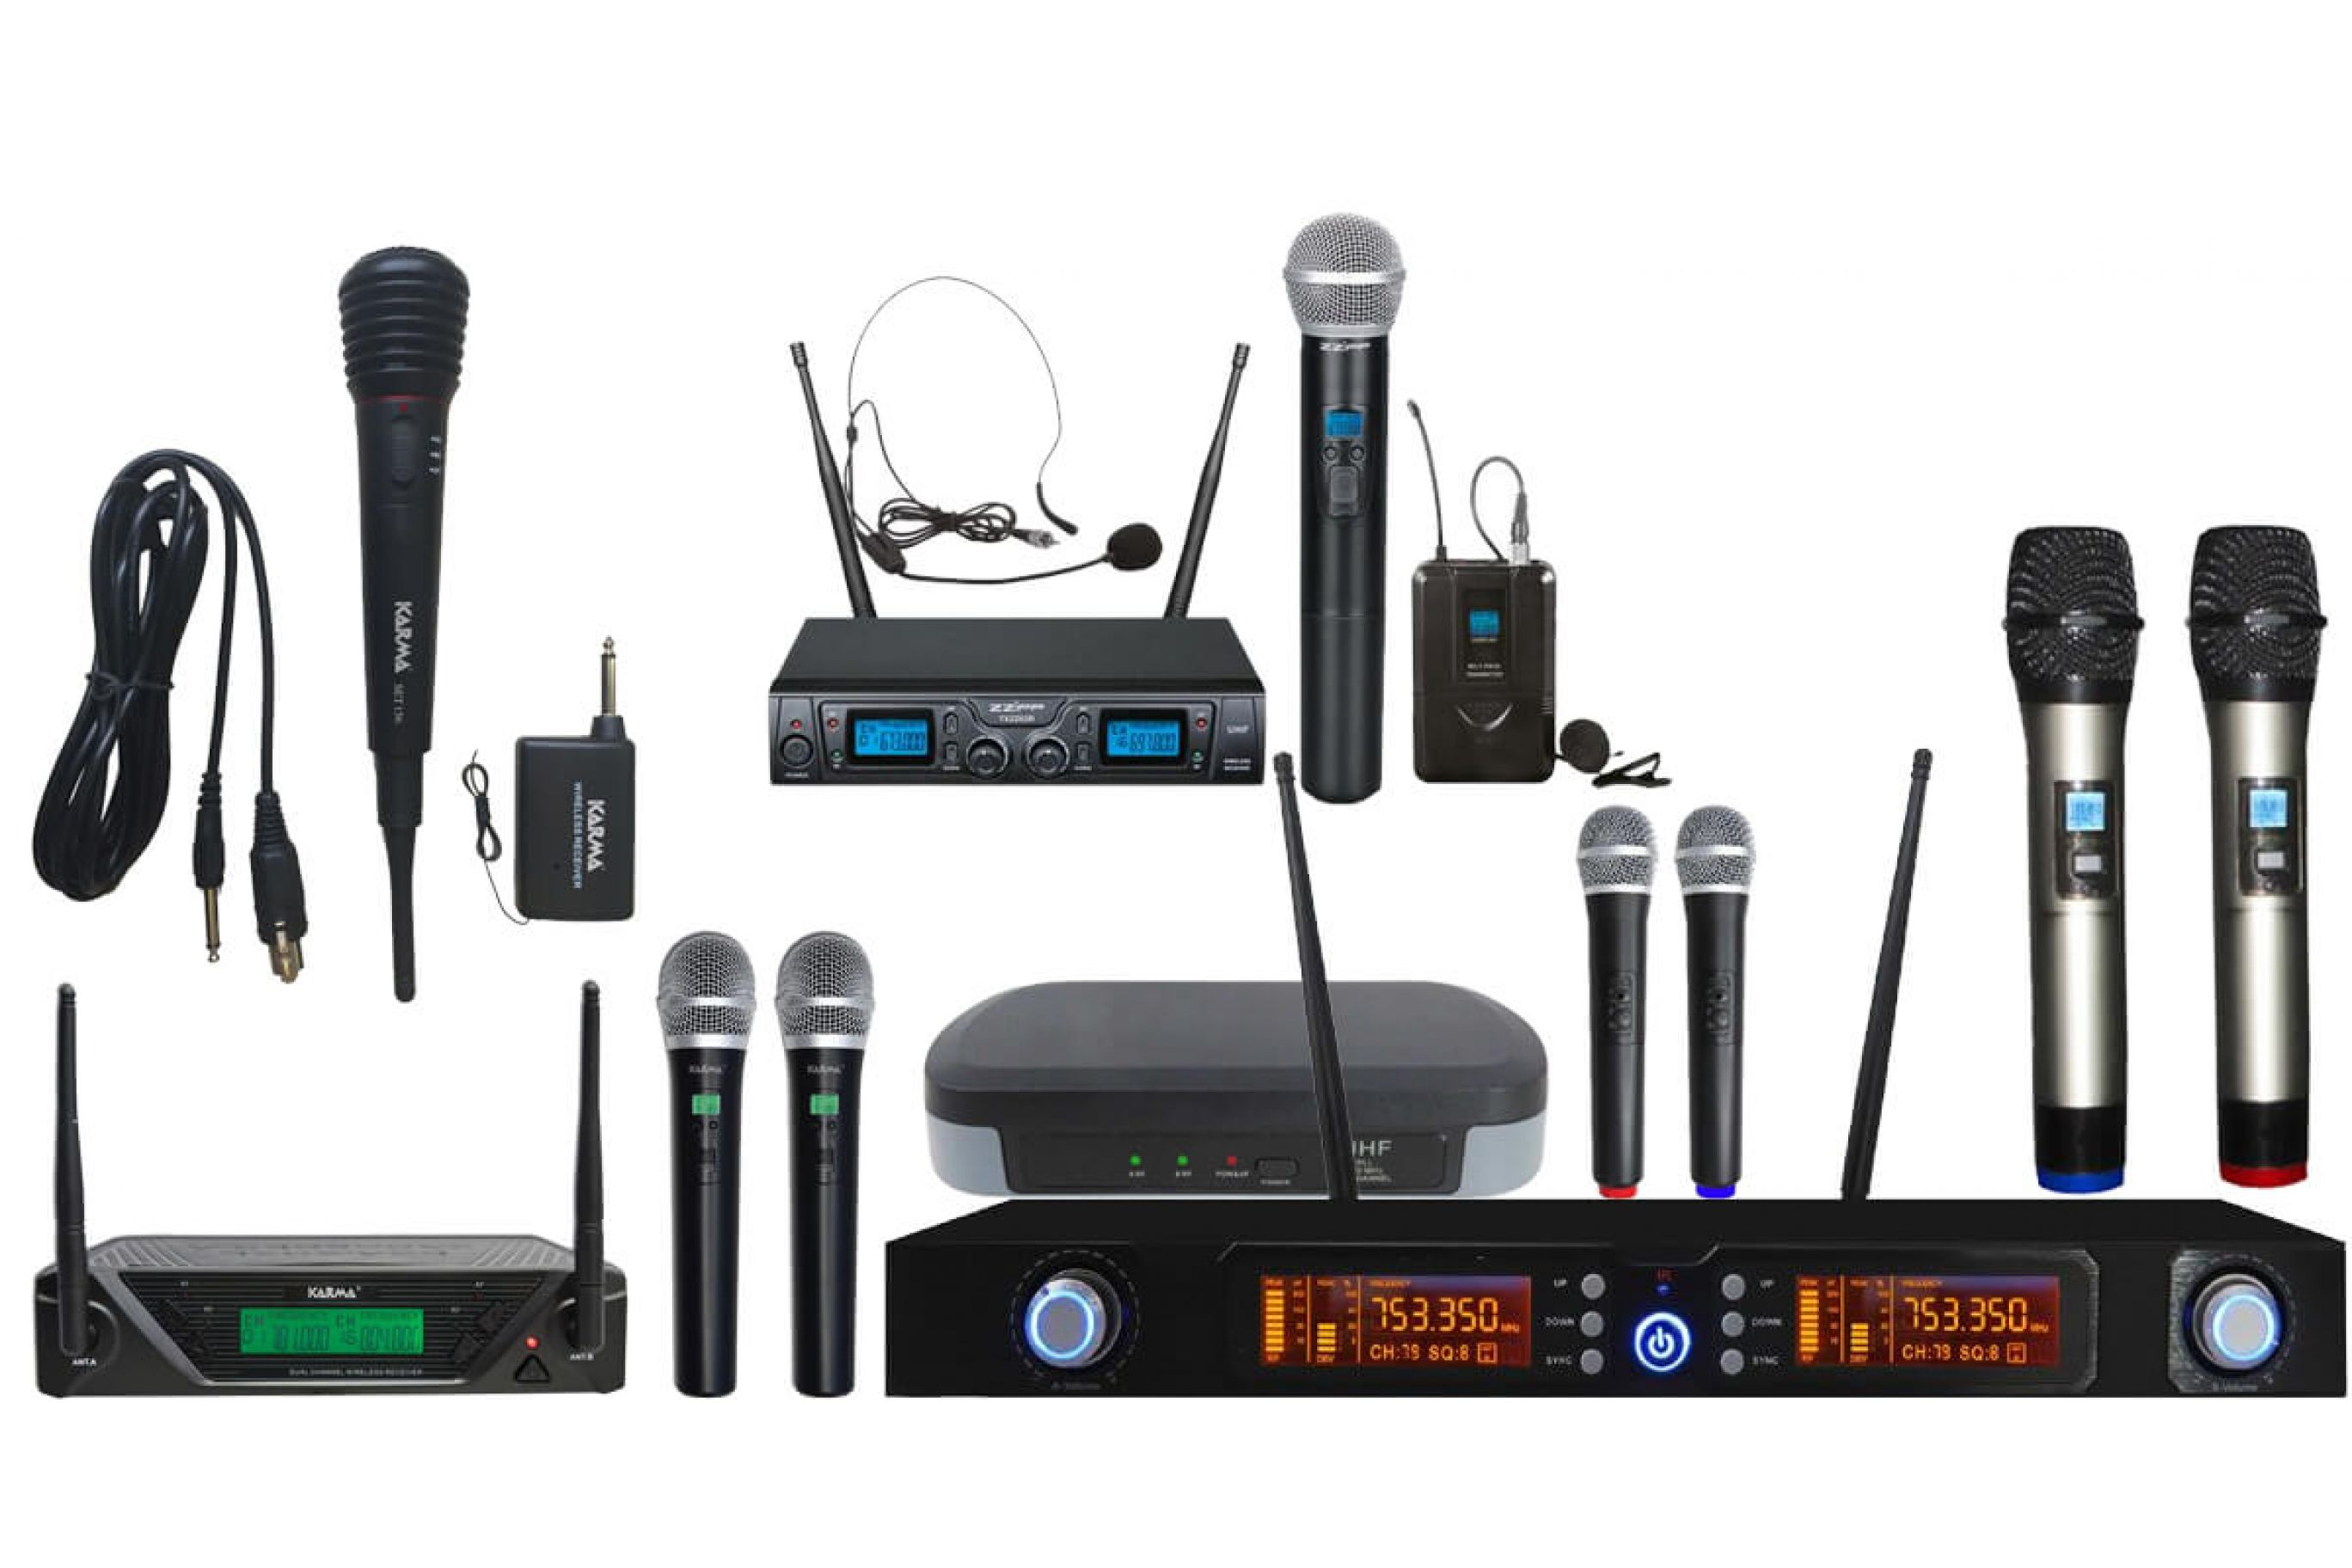 I 10 Migliori Microfoni Senza Fili Wireless Economici 2019